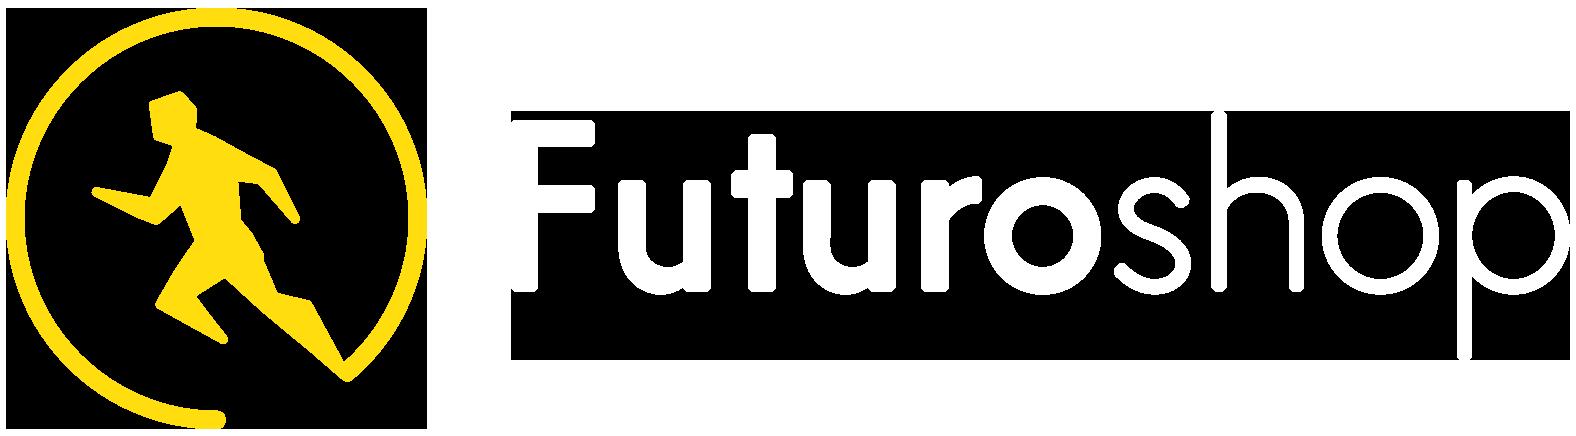 Futuroshop